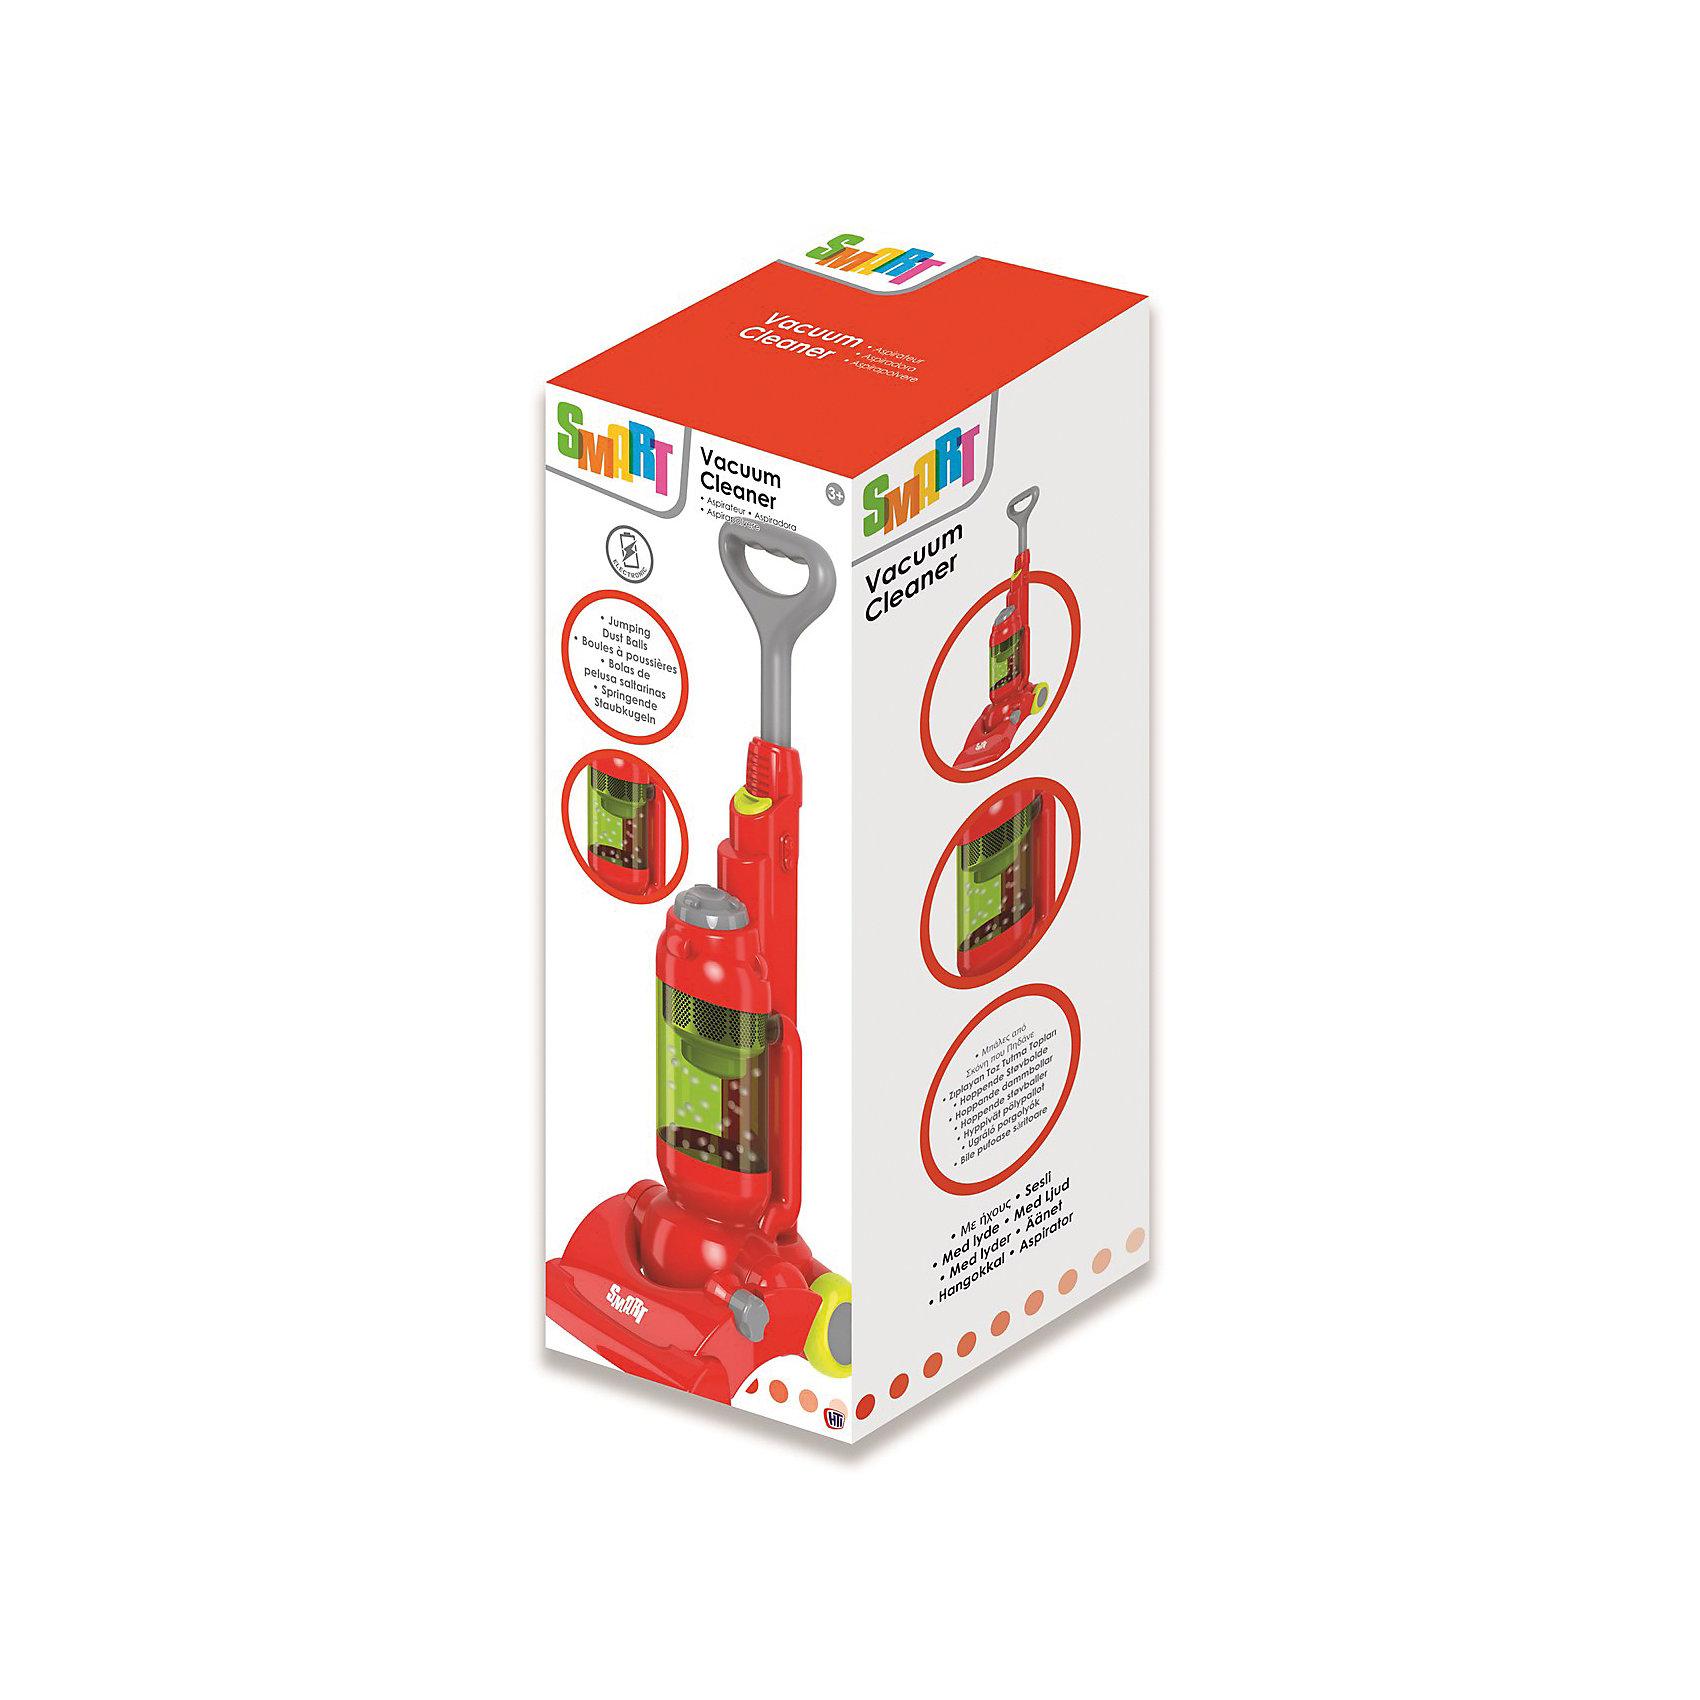 Стильный пылесос Smart, HTIИгрушечная бытовая техника<br>Стильный пылесос Smart, HTI.<br><br>Характеристика: <br><br>• Материал: пластик. <br>• Размер упаковки: 20x40х35 см. <br>• Размер игрушки: 51х19,3х18,6 см. <br>• Комплектация: пылесос, подставка на колесах. <br>• Во время работы в прозрачном цилиндре прыгают мелкие разноцветные шарики.<br>• Легкий и маневренный. <br>• Яркий привлекательный дизайн. <br>• Элемент питания: 2 АА батарейки (не входят в комплект). <br>• Световые и звуковые эффекты. <br><br>Стильный пылесос Smart приведет в восторг вашу юную хозяйку! Реалистичные звуковые эффекты и маленькие разноцветные шарики, прыгающие в прозрачном цилиндре, сделают игры девочки еще интереснее и увлекательнее. Легкий и маневренный пылесос оснащен удобной подставкой на колесиках, изготовлен из высококачественного прочного пластика безопасного для детей. <br><br>Стильный пылесос Smart, HTI, можно купить в нашем интернет-магазине.<br><br>Ширина мм: 180<br>Глубина мм: 760<br>Высота мм: 170<br>Вес г: 1200<br>Возраст от месяцев: 36<br>Возраст до месяцев: 168<br>Пол: Женский<br>Возраст: Детский<br>SKU: 5366526